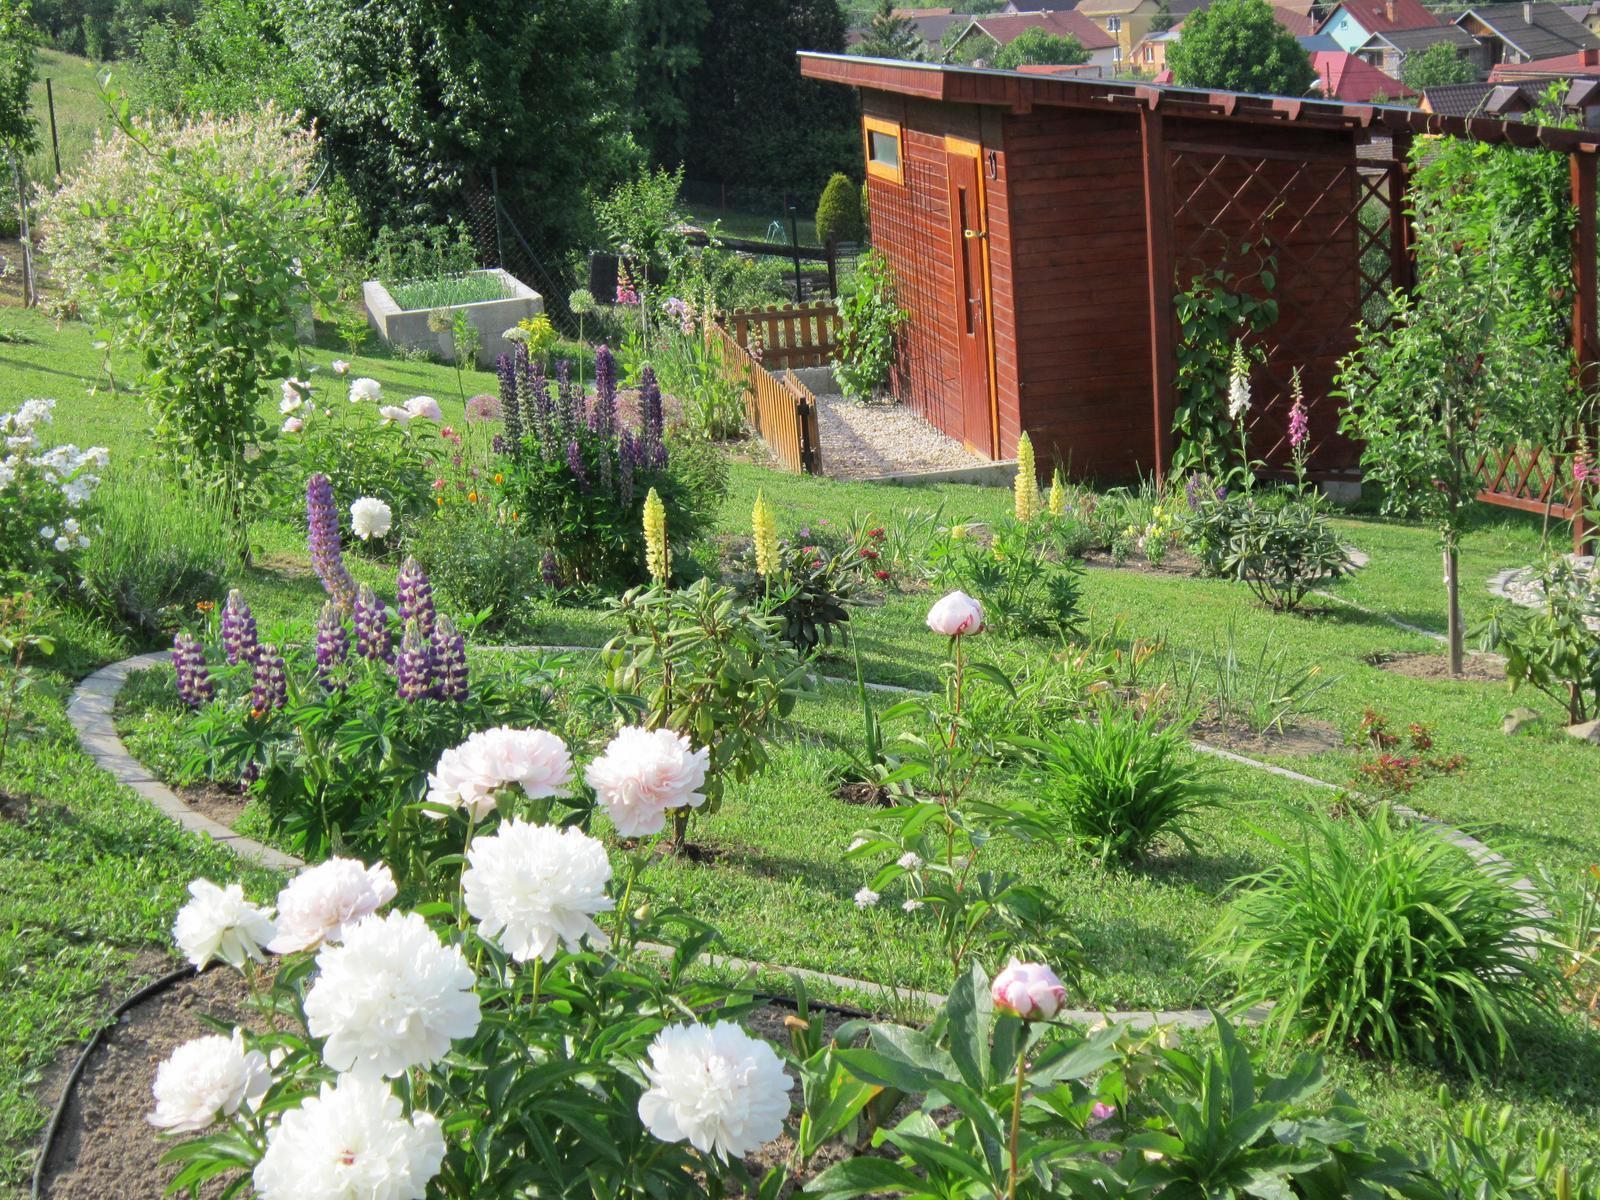 Moja záhrada...ako šiel čas - Obrázok č. 87